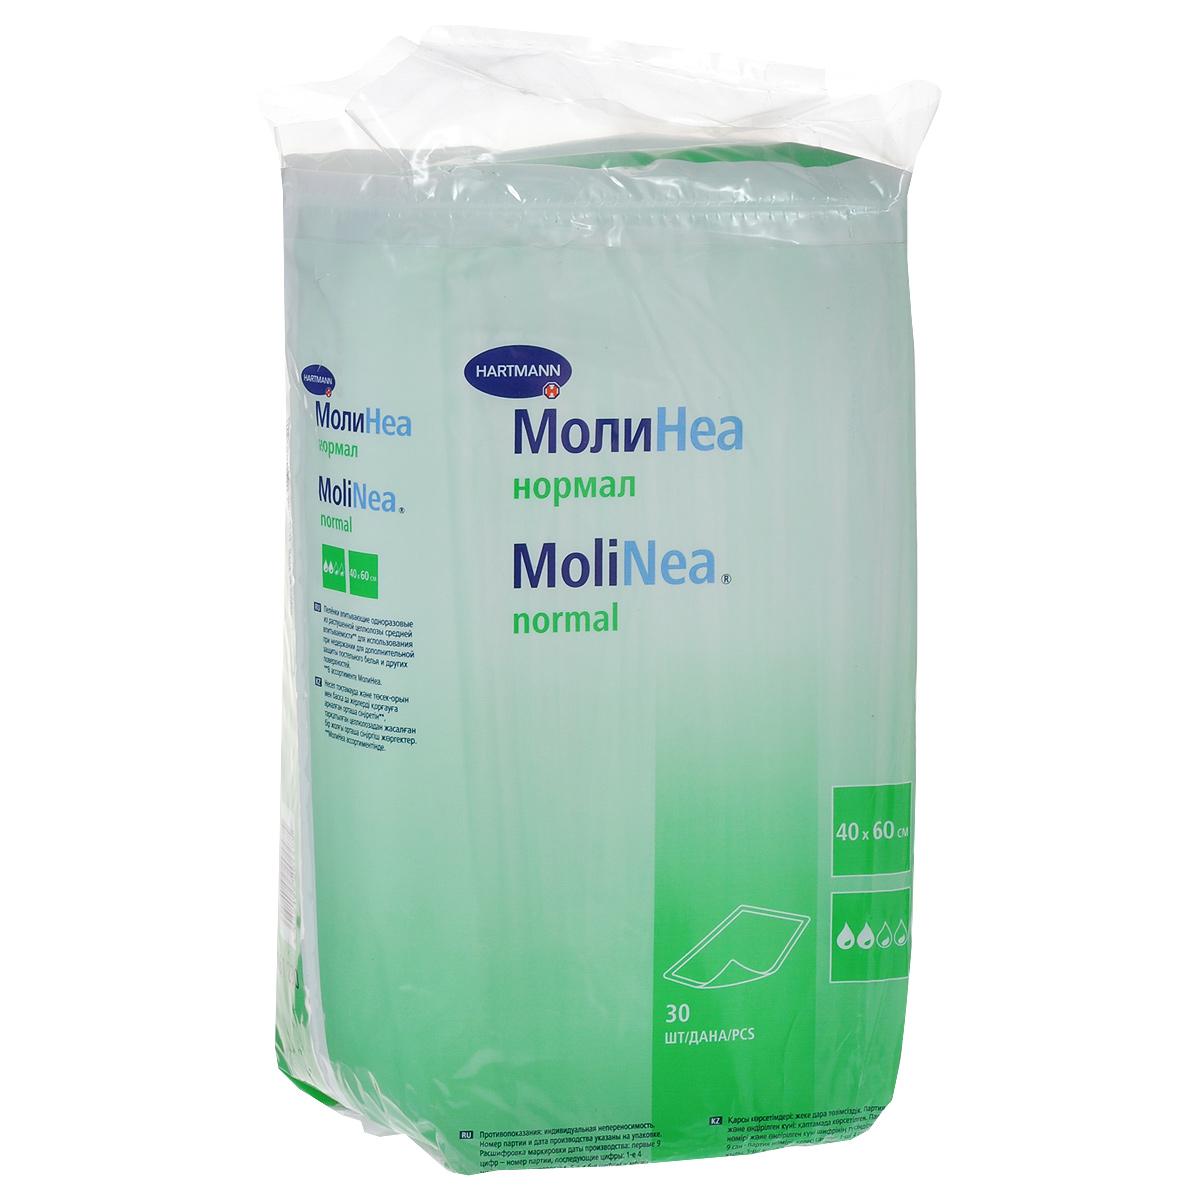 Одноразовые впитывающие пеленки Molinea (Молинеа) Normal, 40 см х 60 см, 30 шт пелигрин пеленки впитывающие classic 60 см х 40 см 30 шт